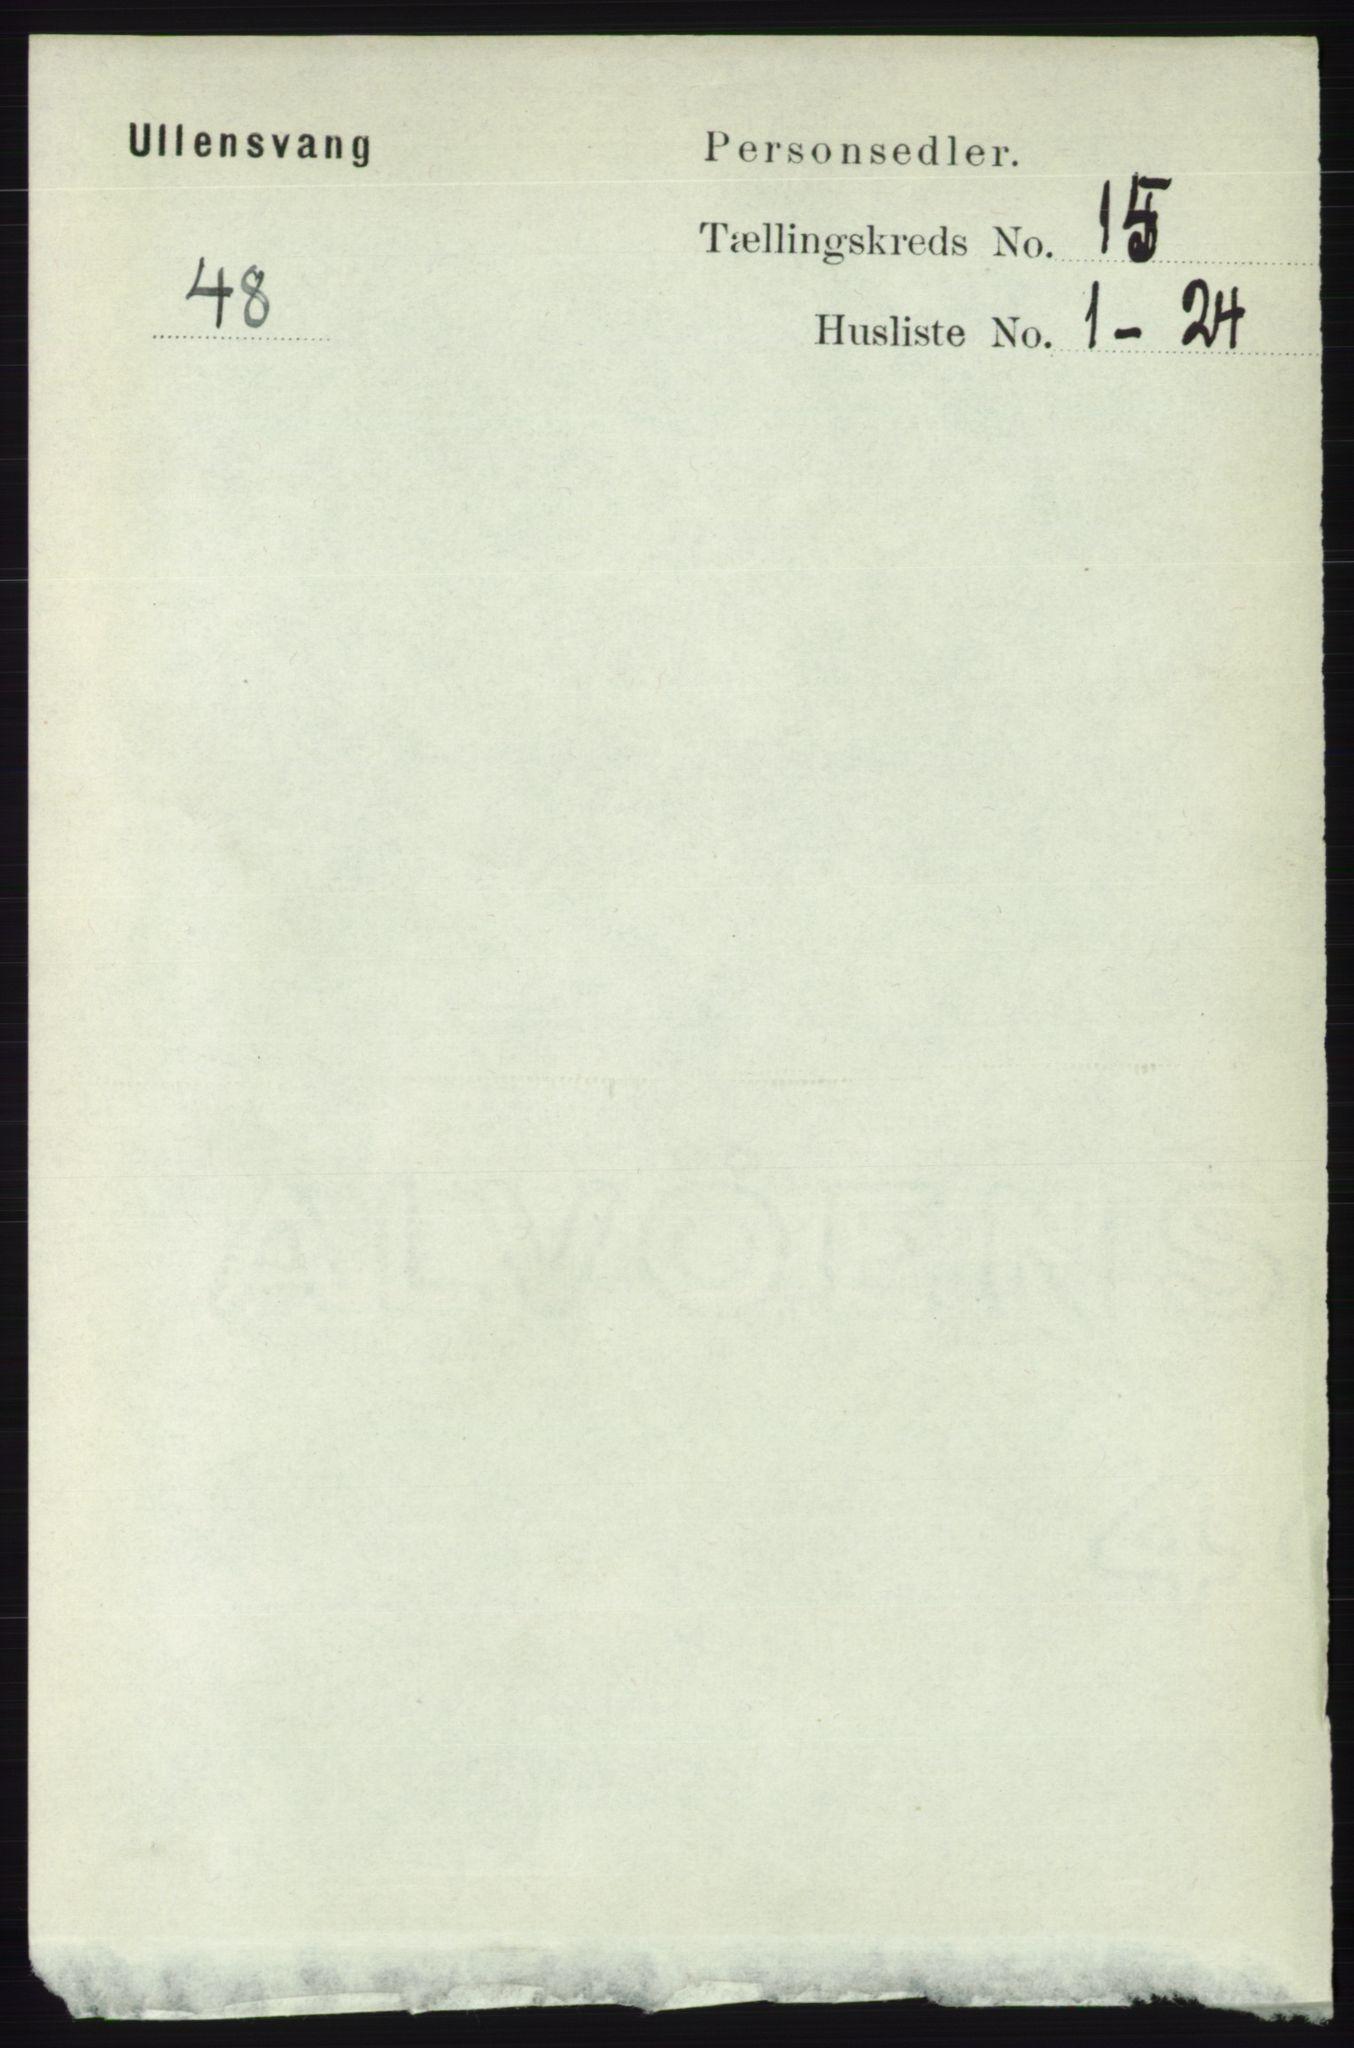 RA, Folketelling 1891 for 1230 Ullensvang herred, 1891, s. 5900